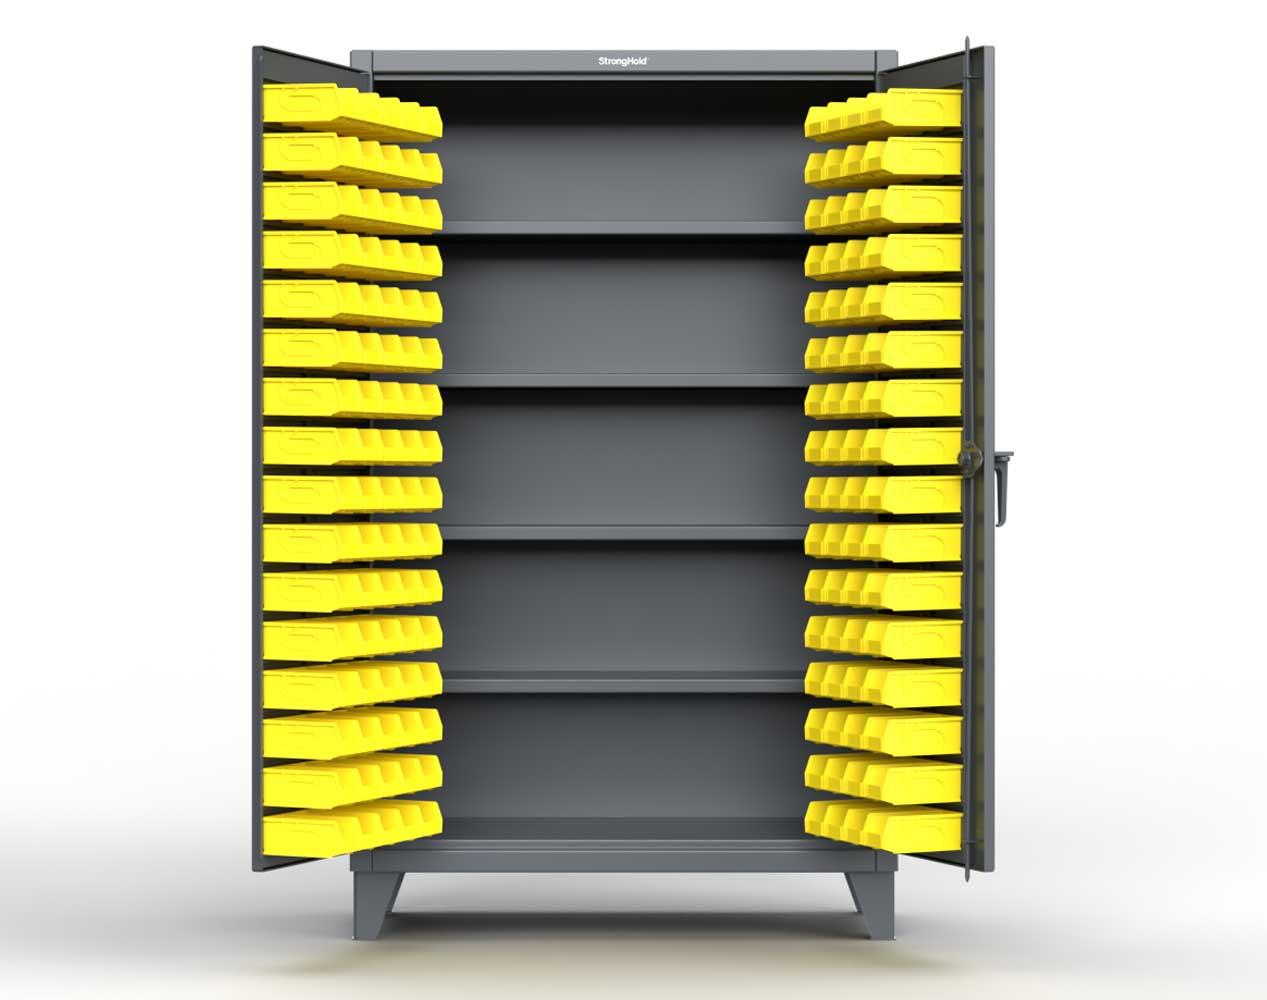 Extra Heavy Duty 12 GA Bin Cabinet with 4 Shelves – 48 In. W x 24 In. D x 78 In. H